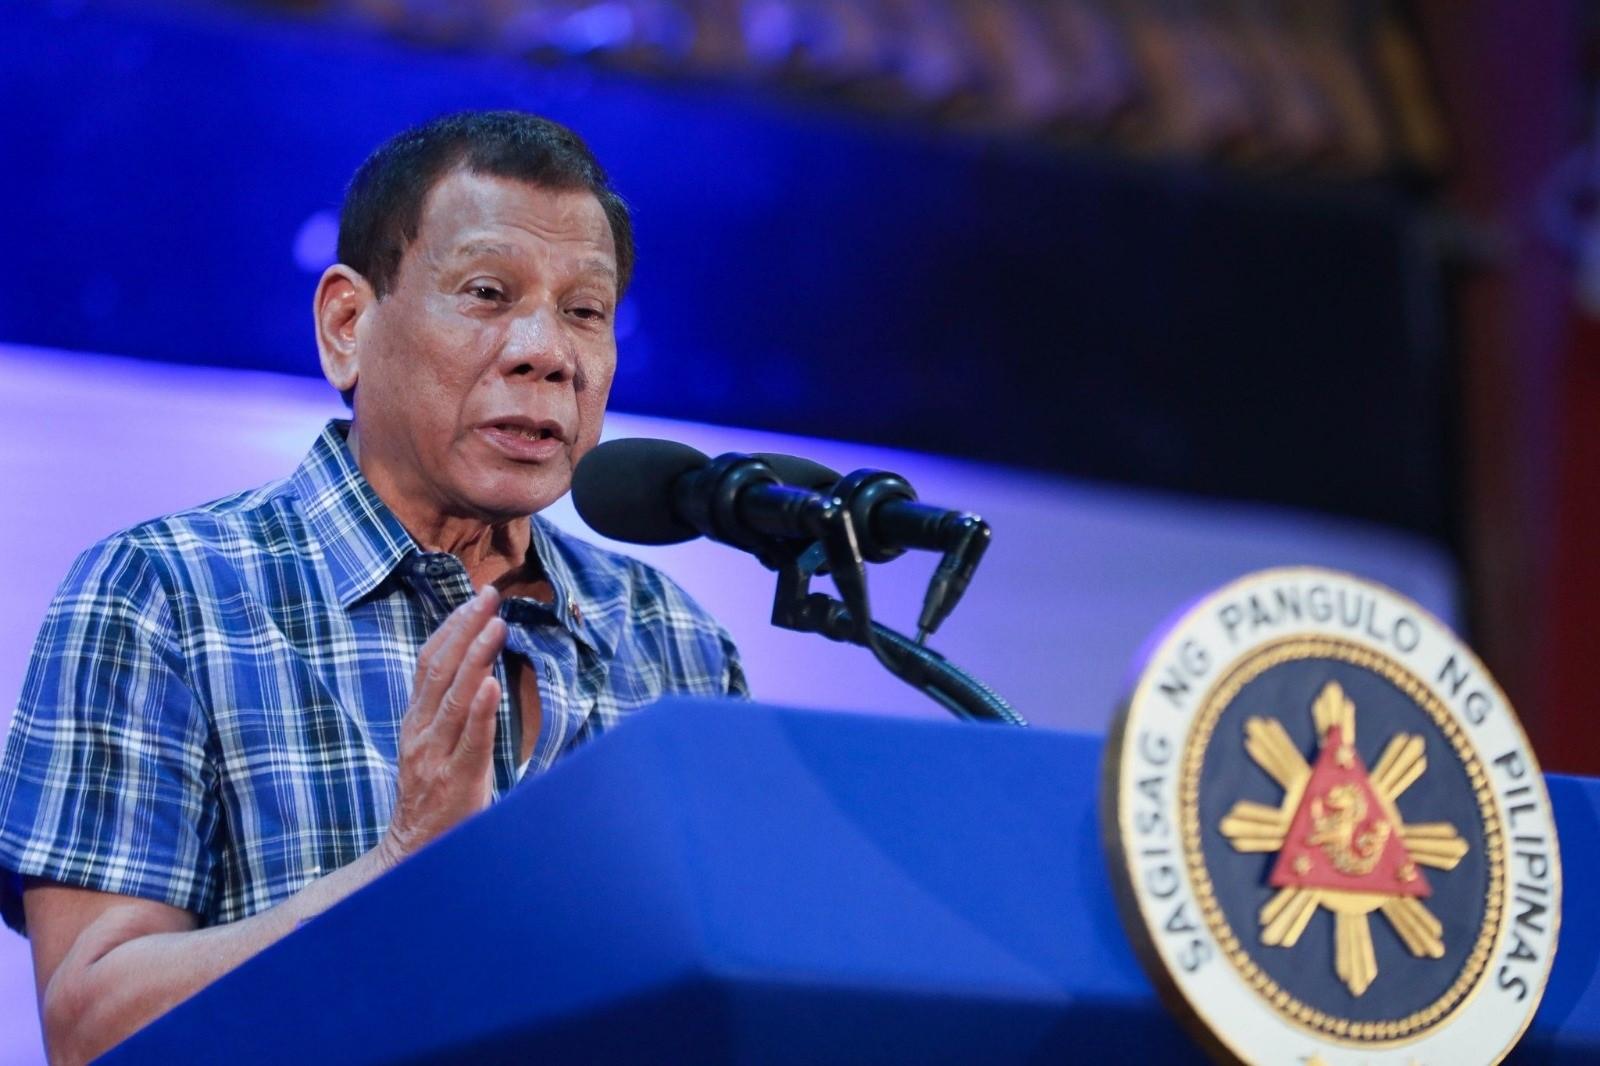 El president de les Filipines, Rodrigo Duterte, en una imatge d'arxiu / Europa Press